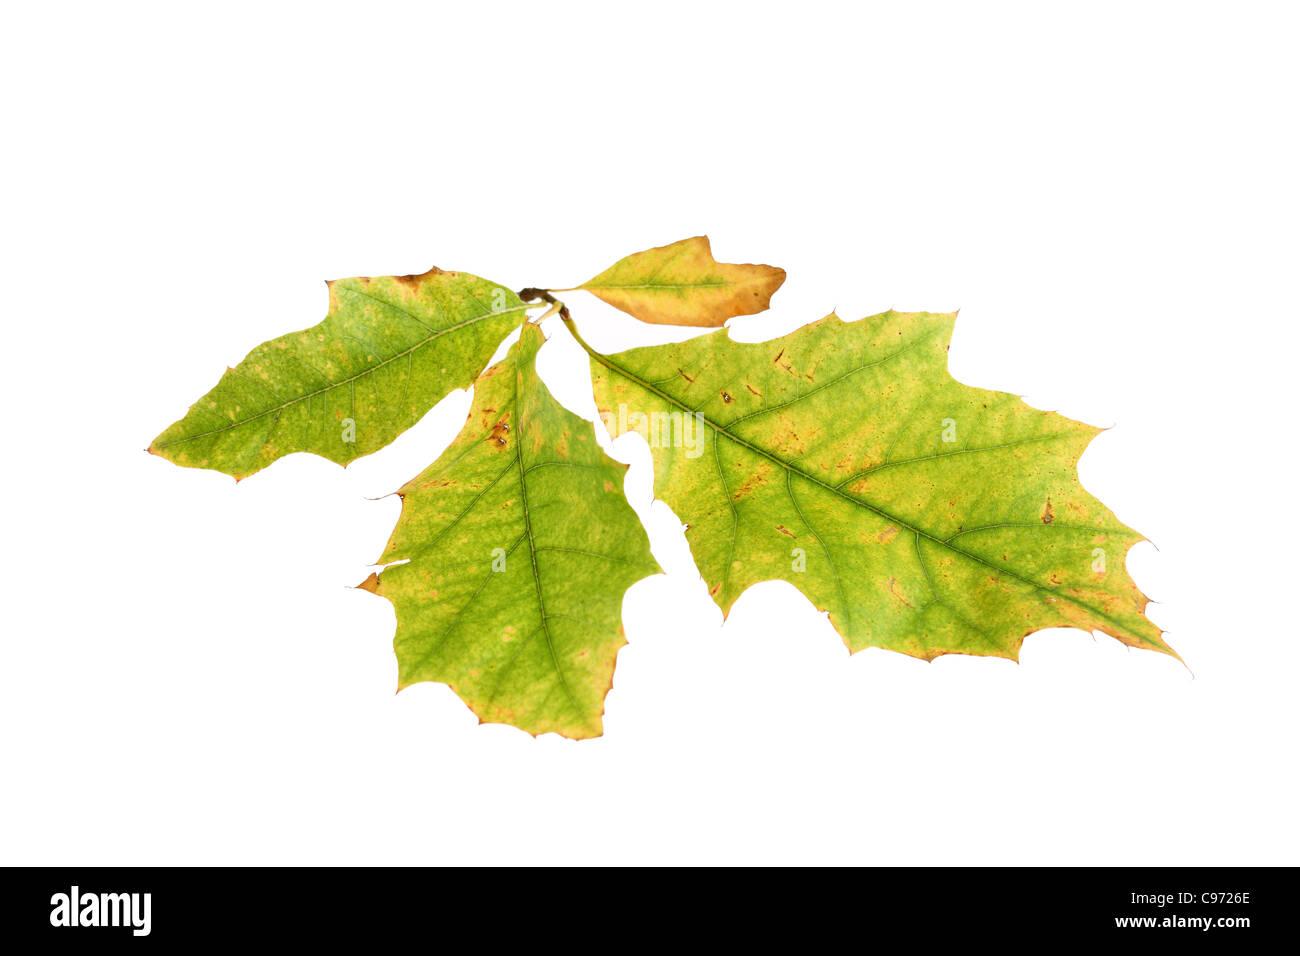 Feuille d'automne rétroéclairé () montrant le changement de couleur de la couleur verte de la chlorophylle dans le pigment de couleur jaune Banque D'Images